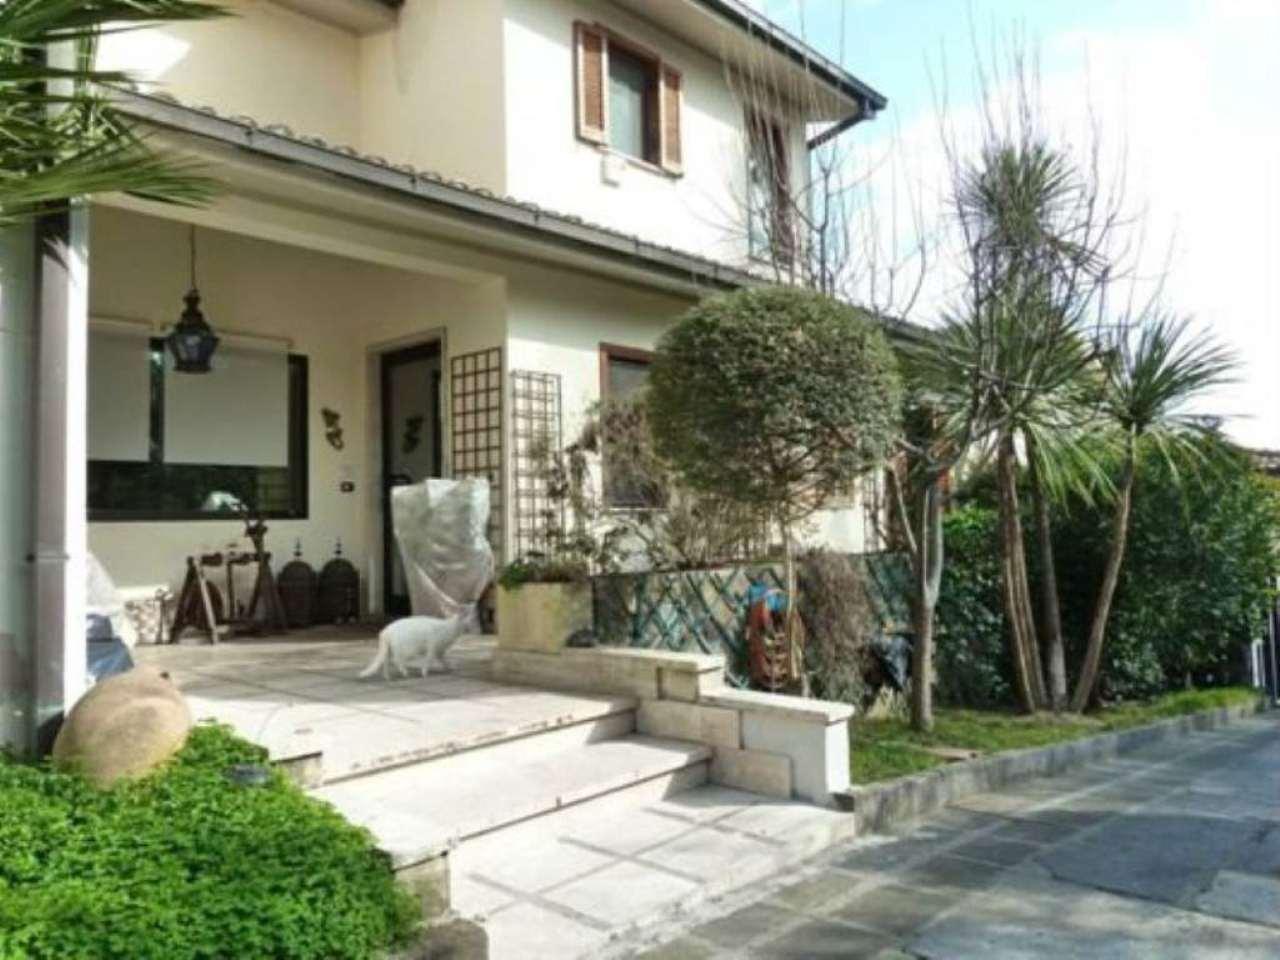 Villetta trifamiliare in vendita a Riano in Via Tiberina